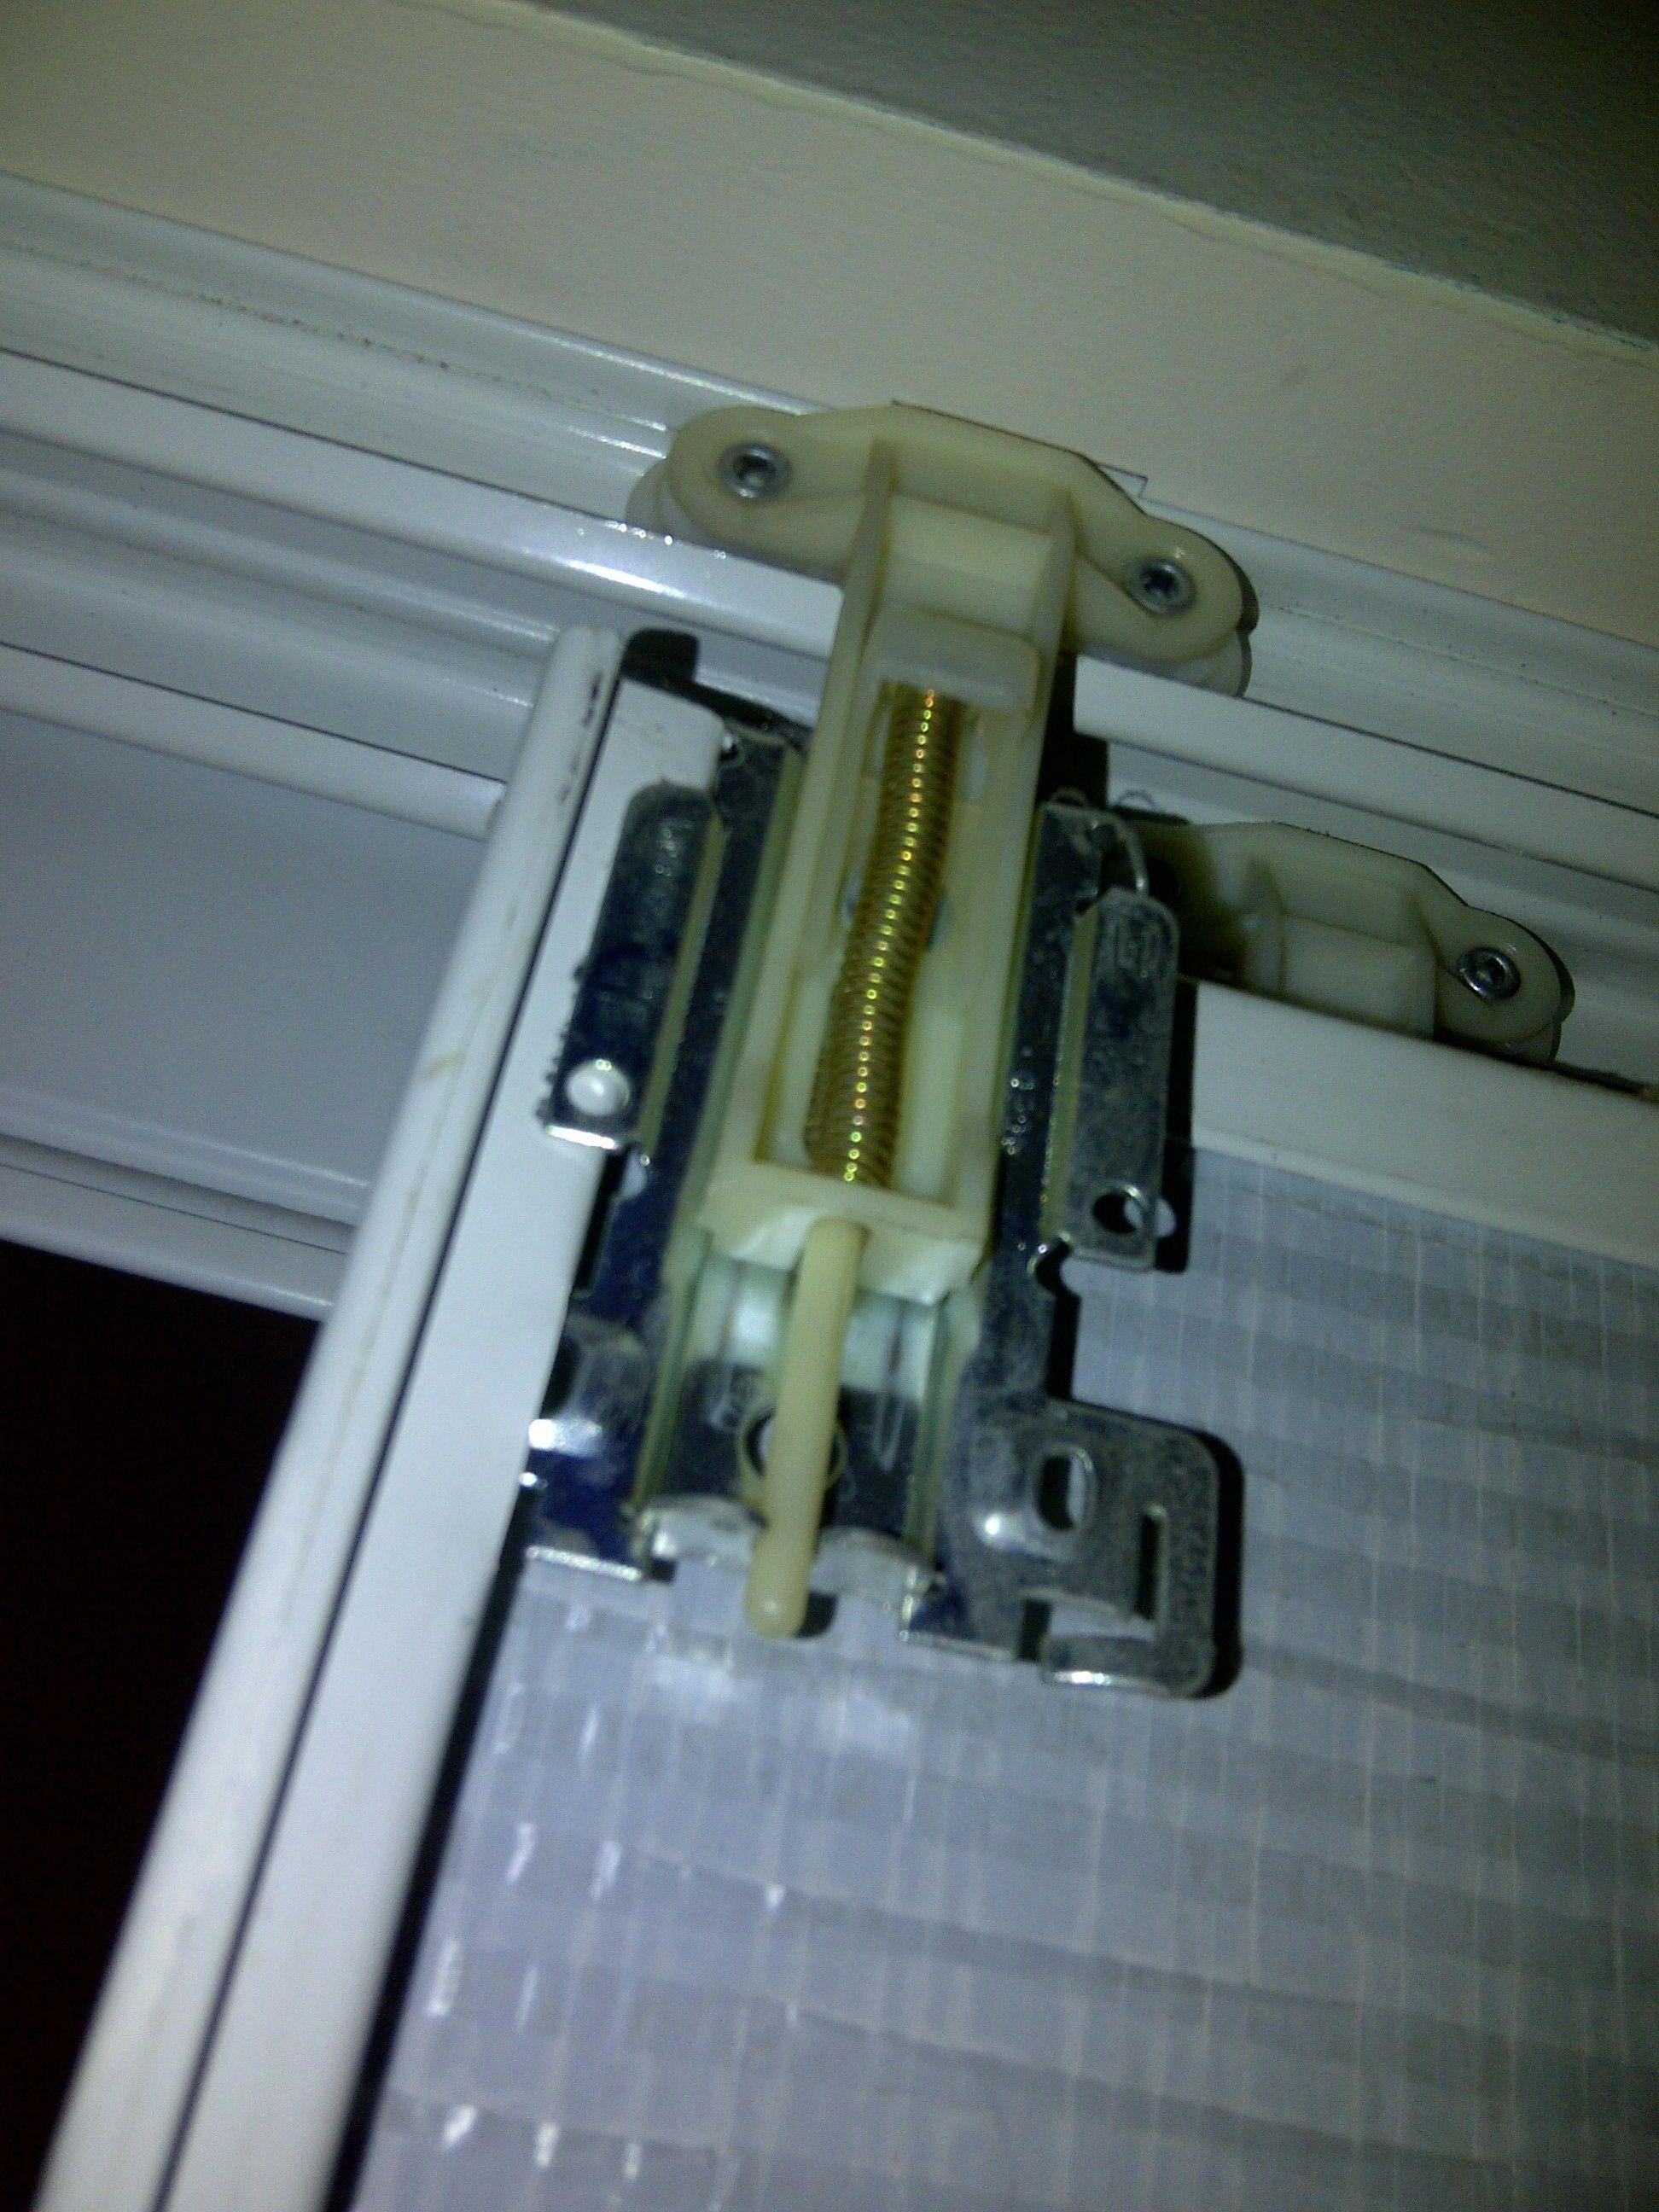 Stanley Sliding Glass Closet Door Hardware